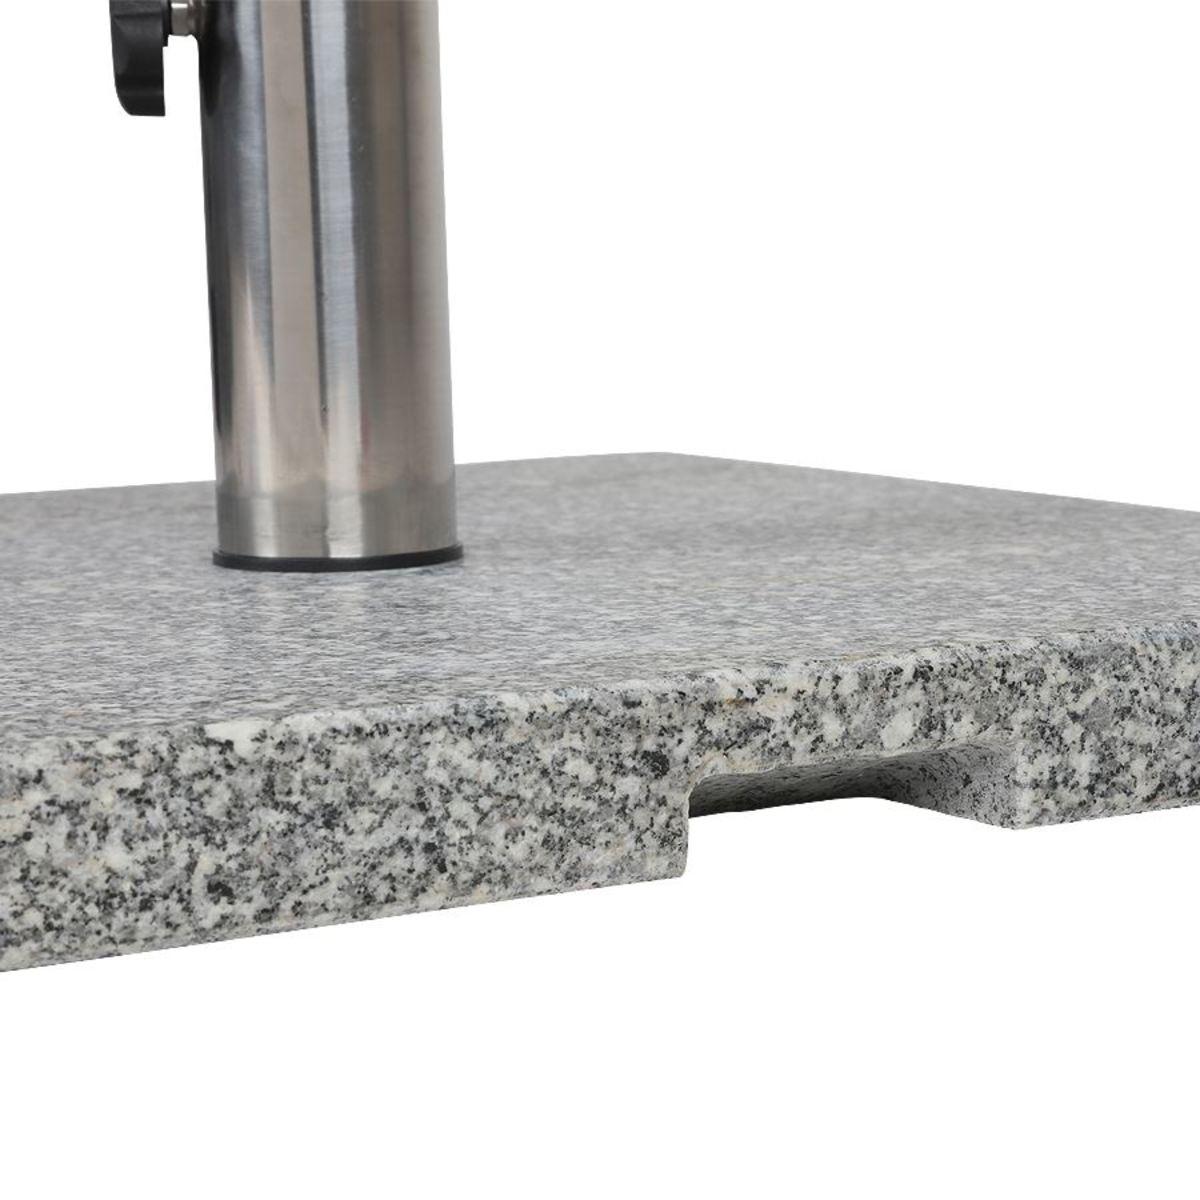 Bild 5 von Granit-Sonnenschirmständer eckig 20kg, poliertes Granit, Gewicht: 20kg